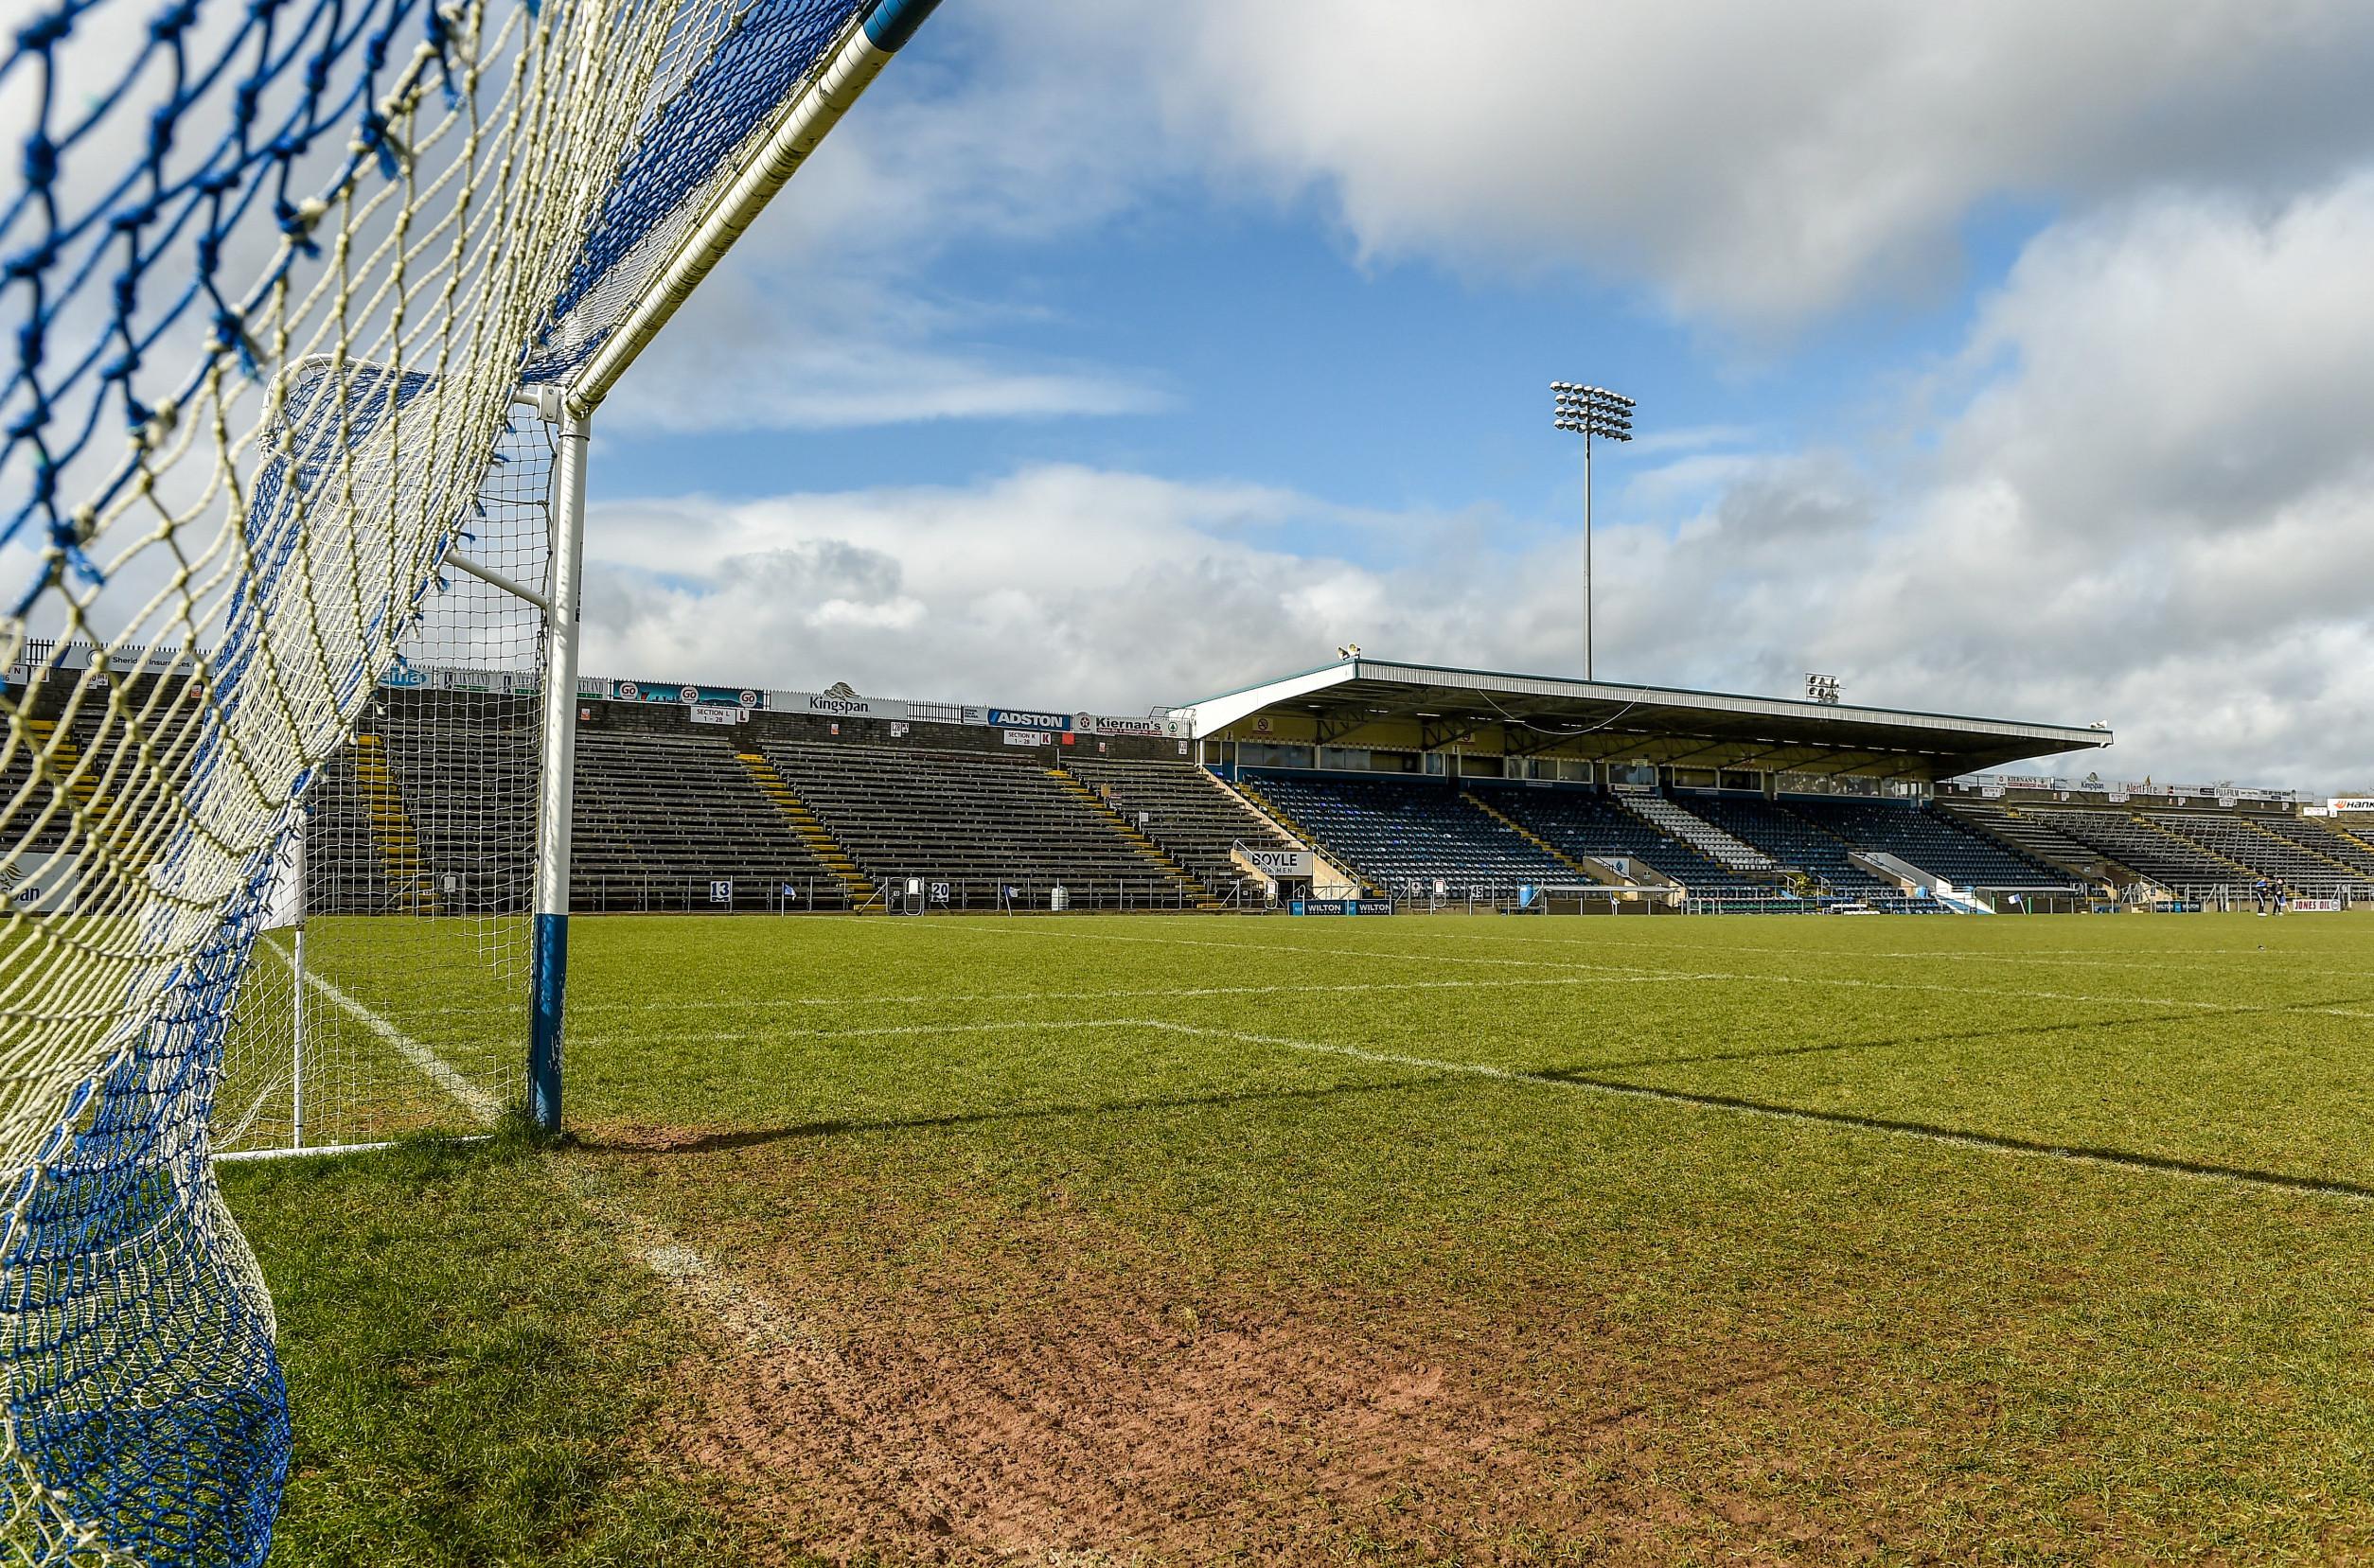 Ulster SFC Quarter Final Preview: Cavan v Antrim